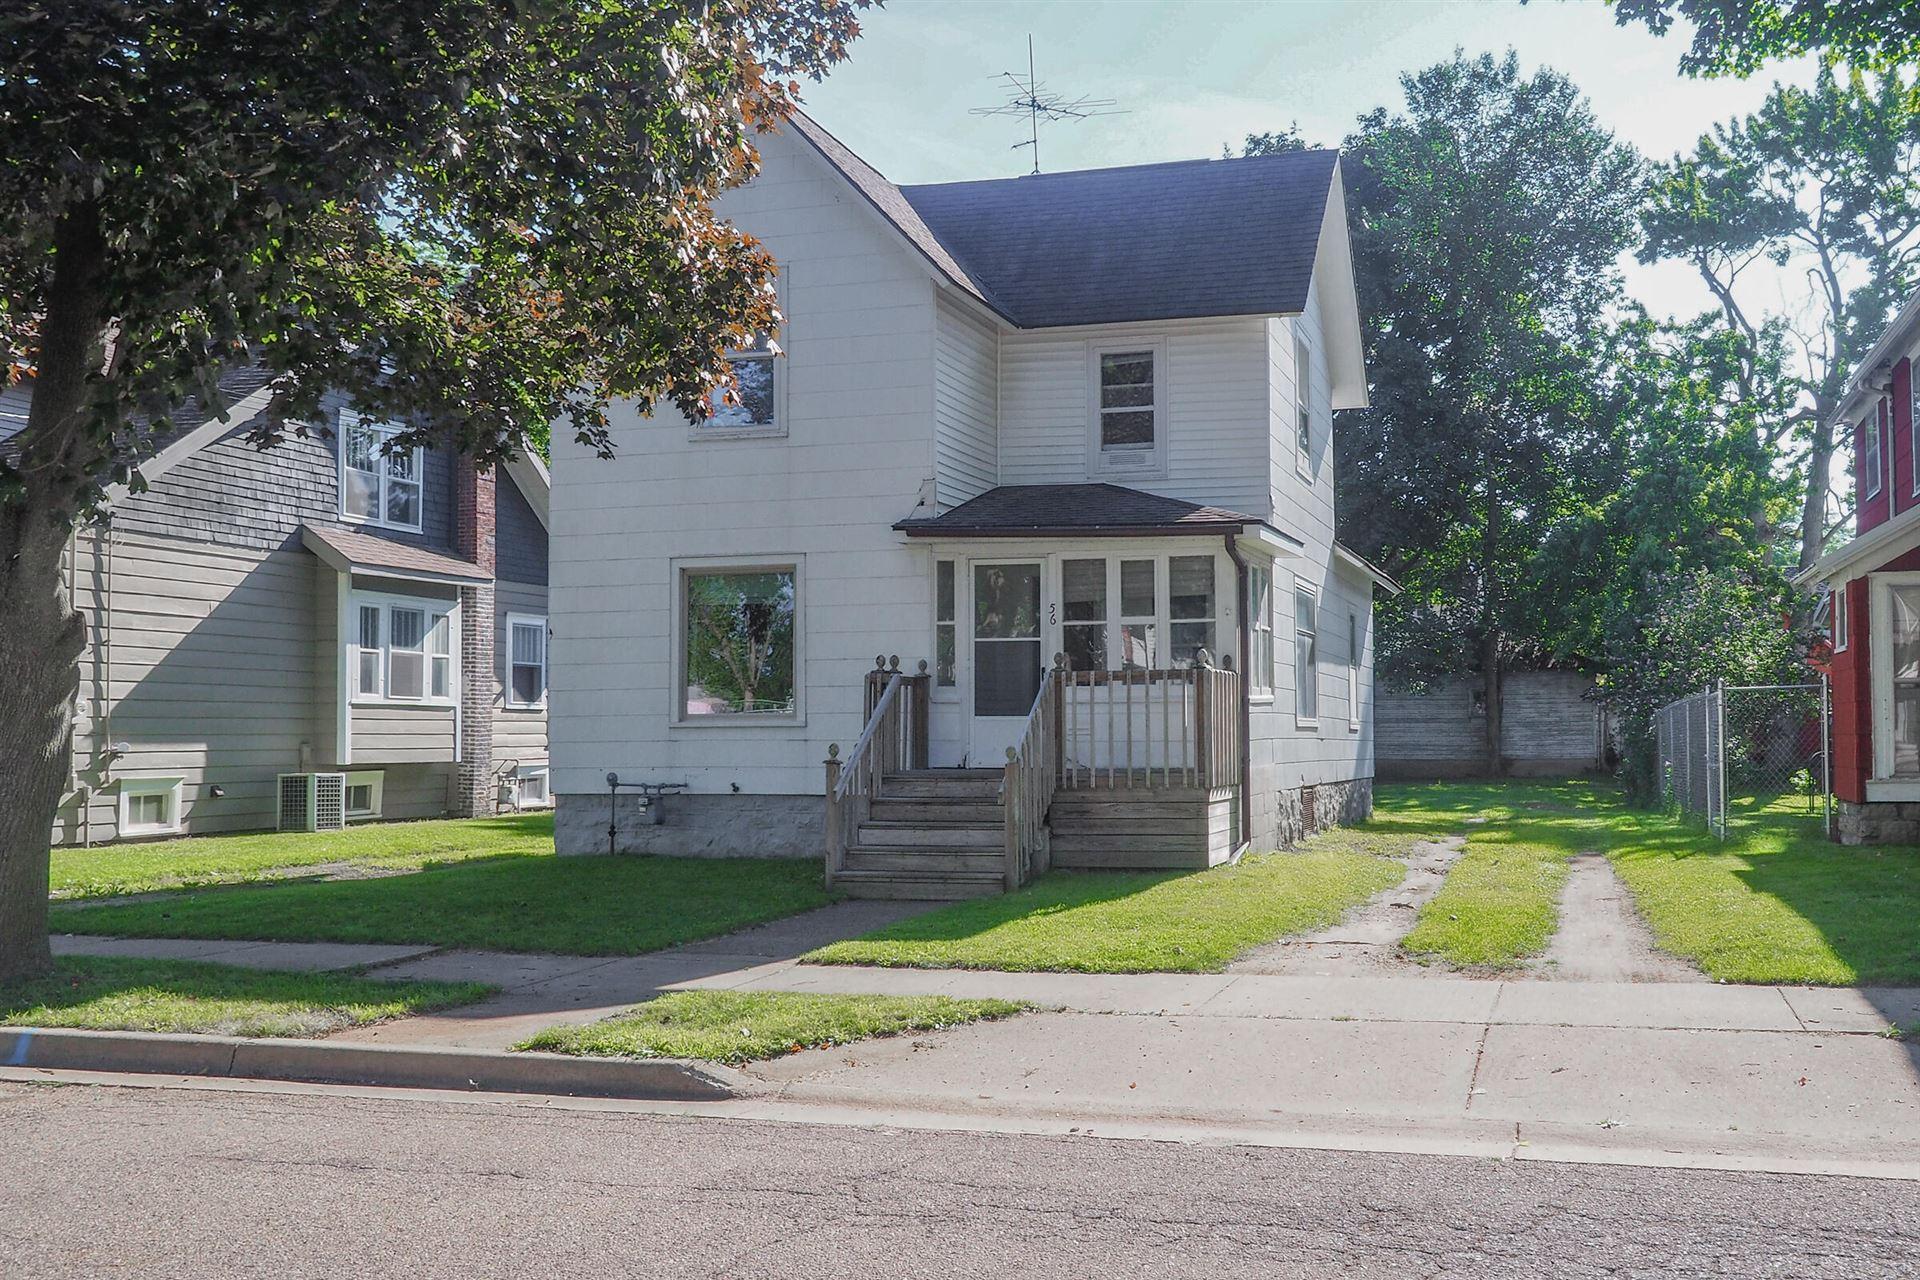 56 Mckinley Avenue N, Battle Creek, MI 49017 - MLS#: 21100761